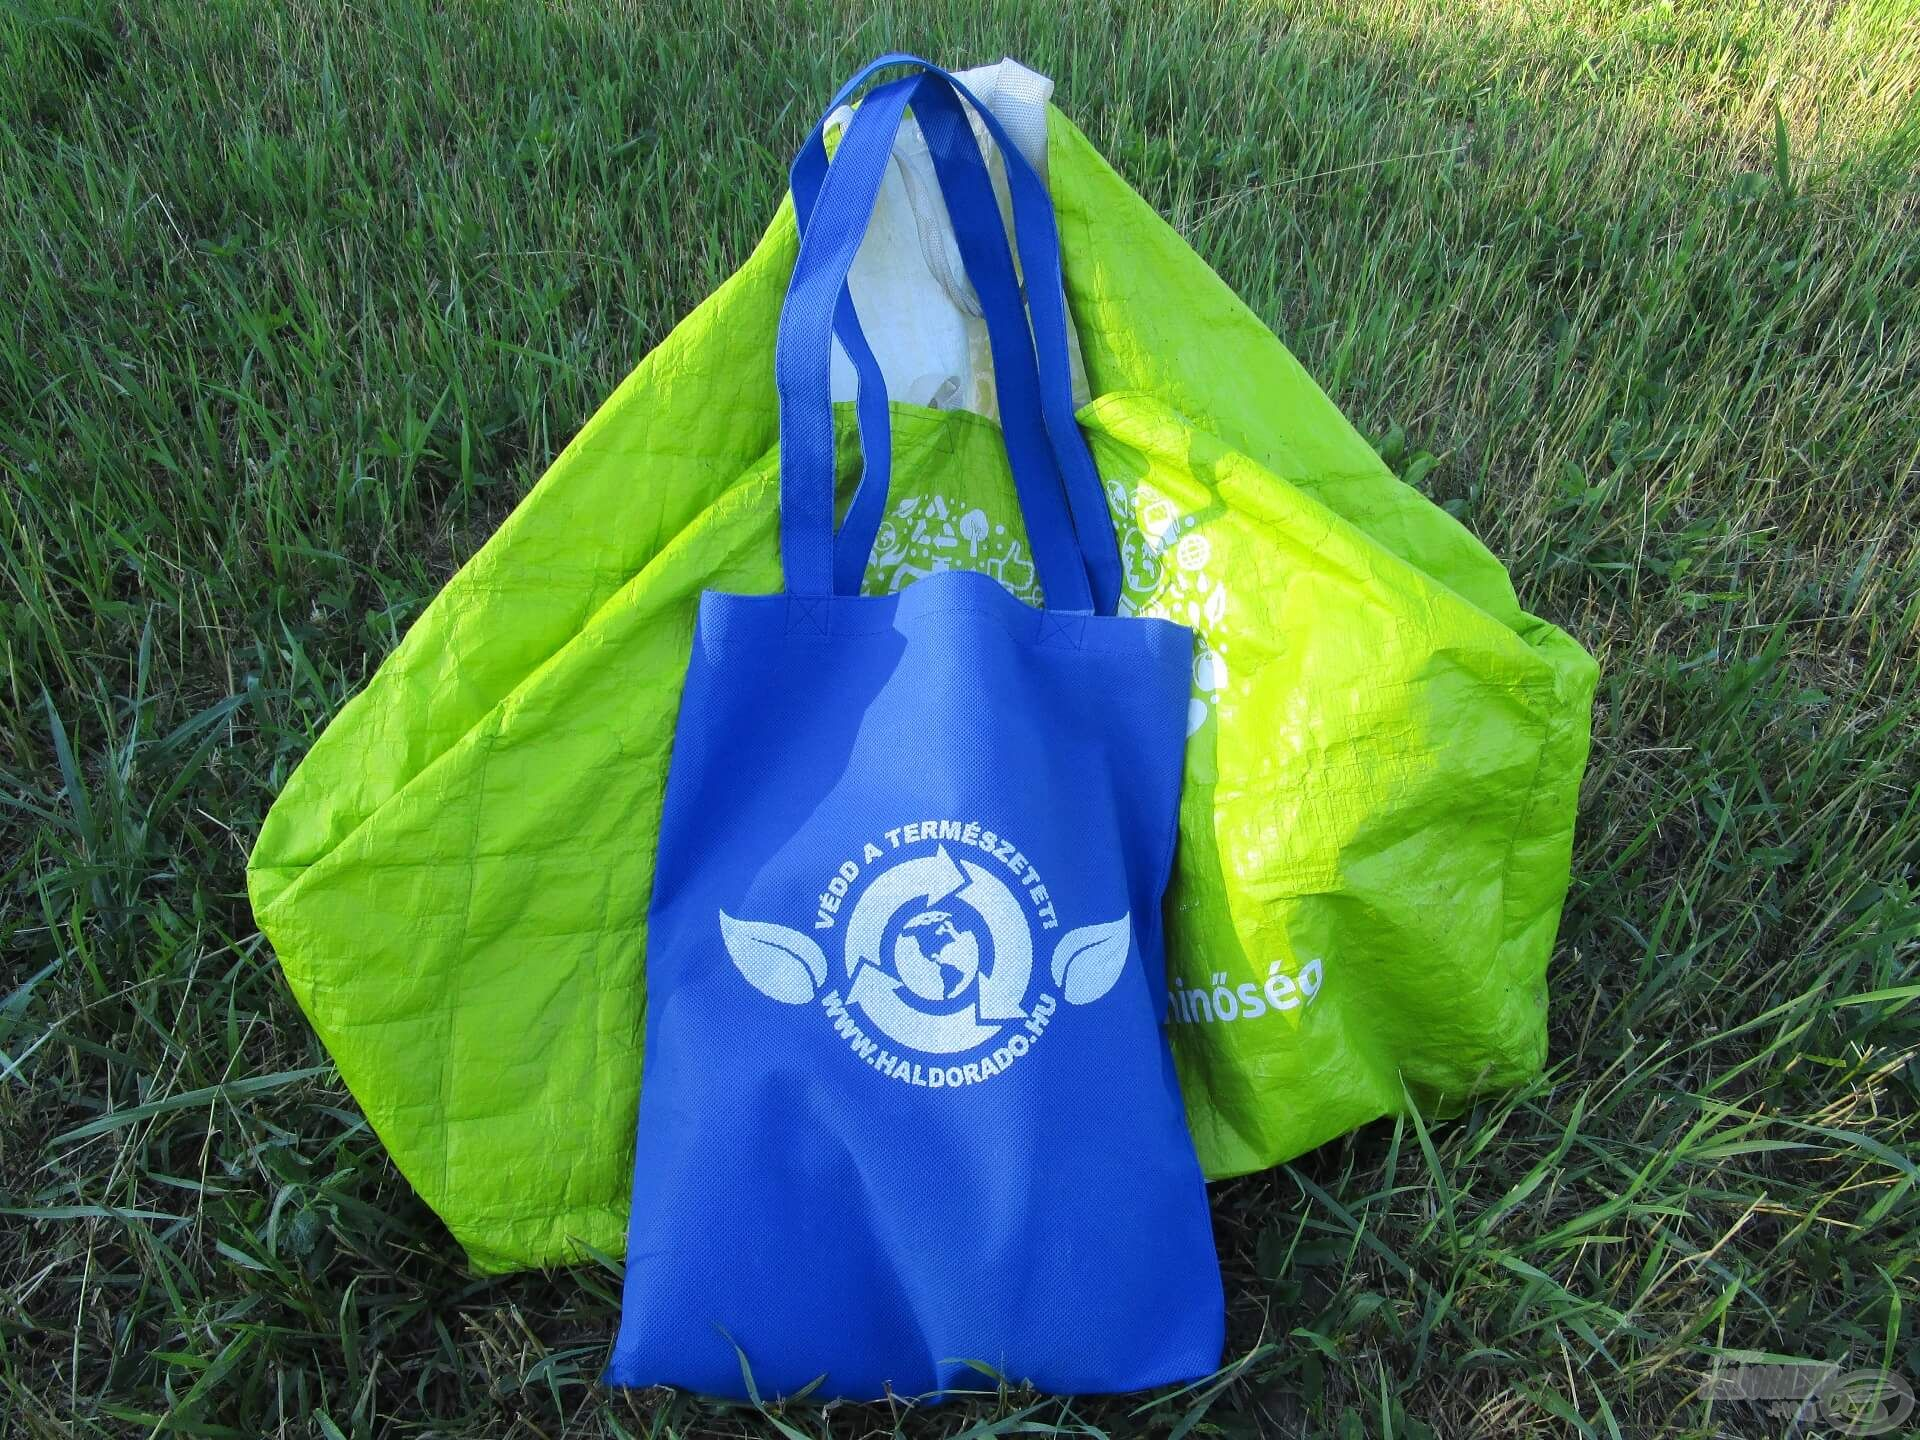 Ebben a két táskában bőven elfért minden fontos kellék